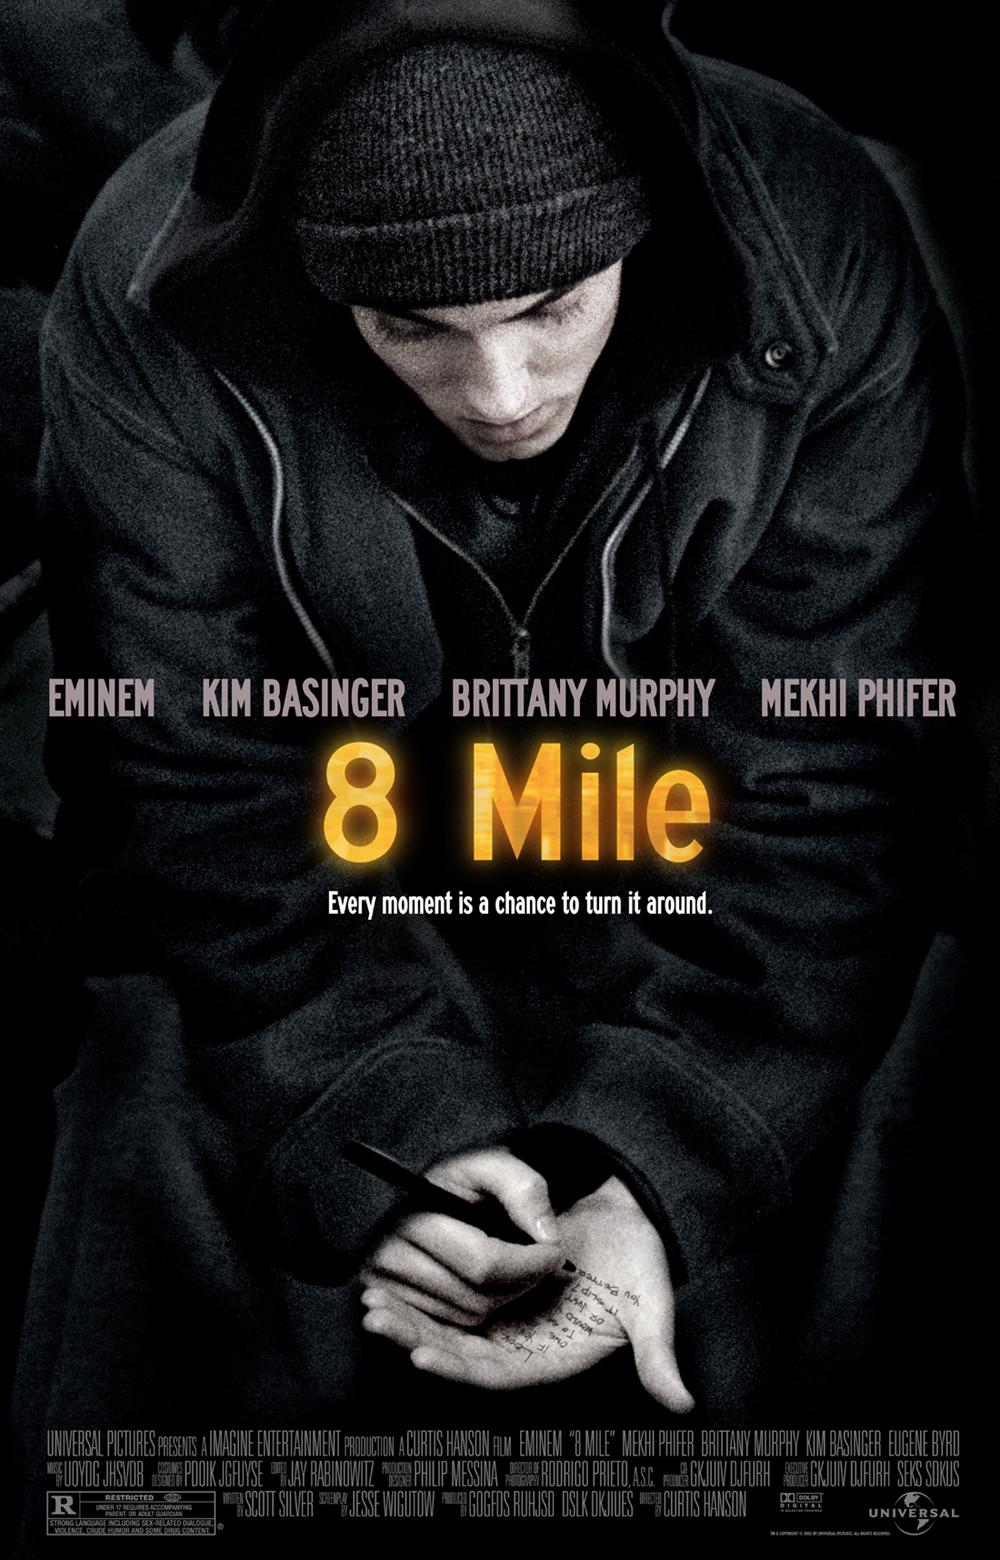 8 Mile Movie Poster - oc-ubezpieczenia info